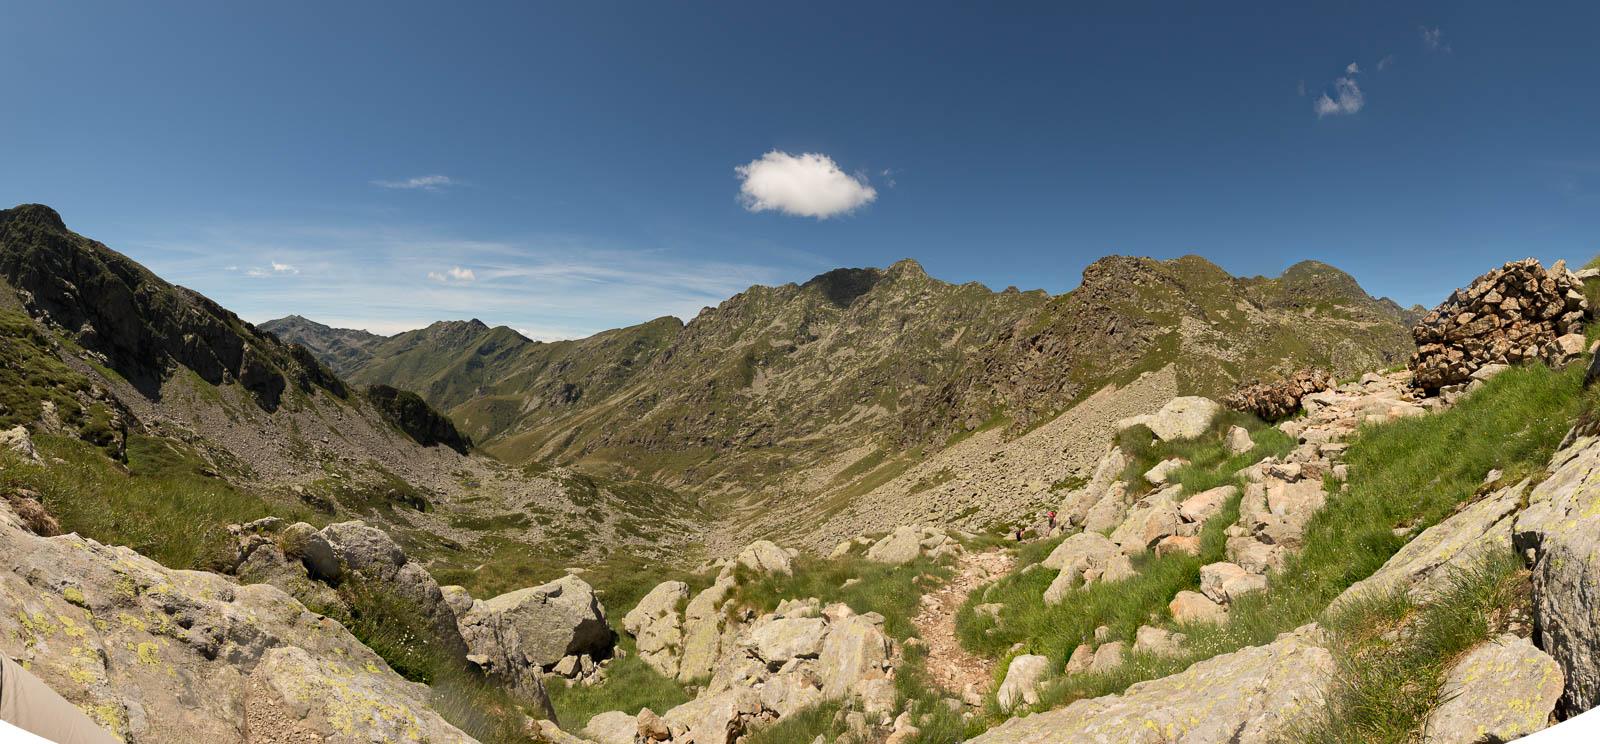 GTA Tourenabschnitt von Oropa zum Refugio Coda vom Monte Mucrone aus gesehen